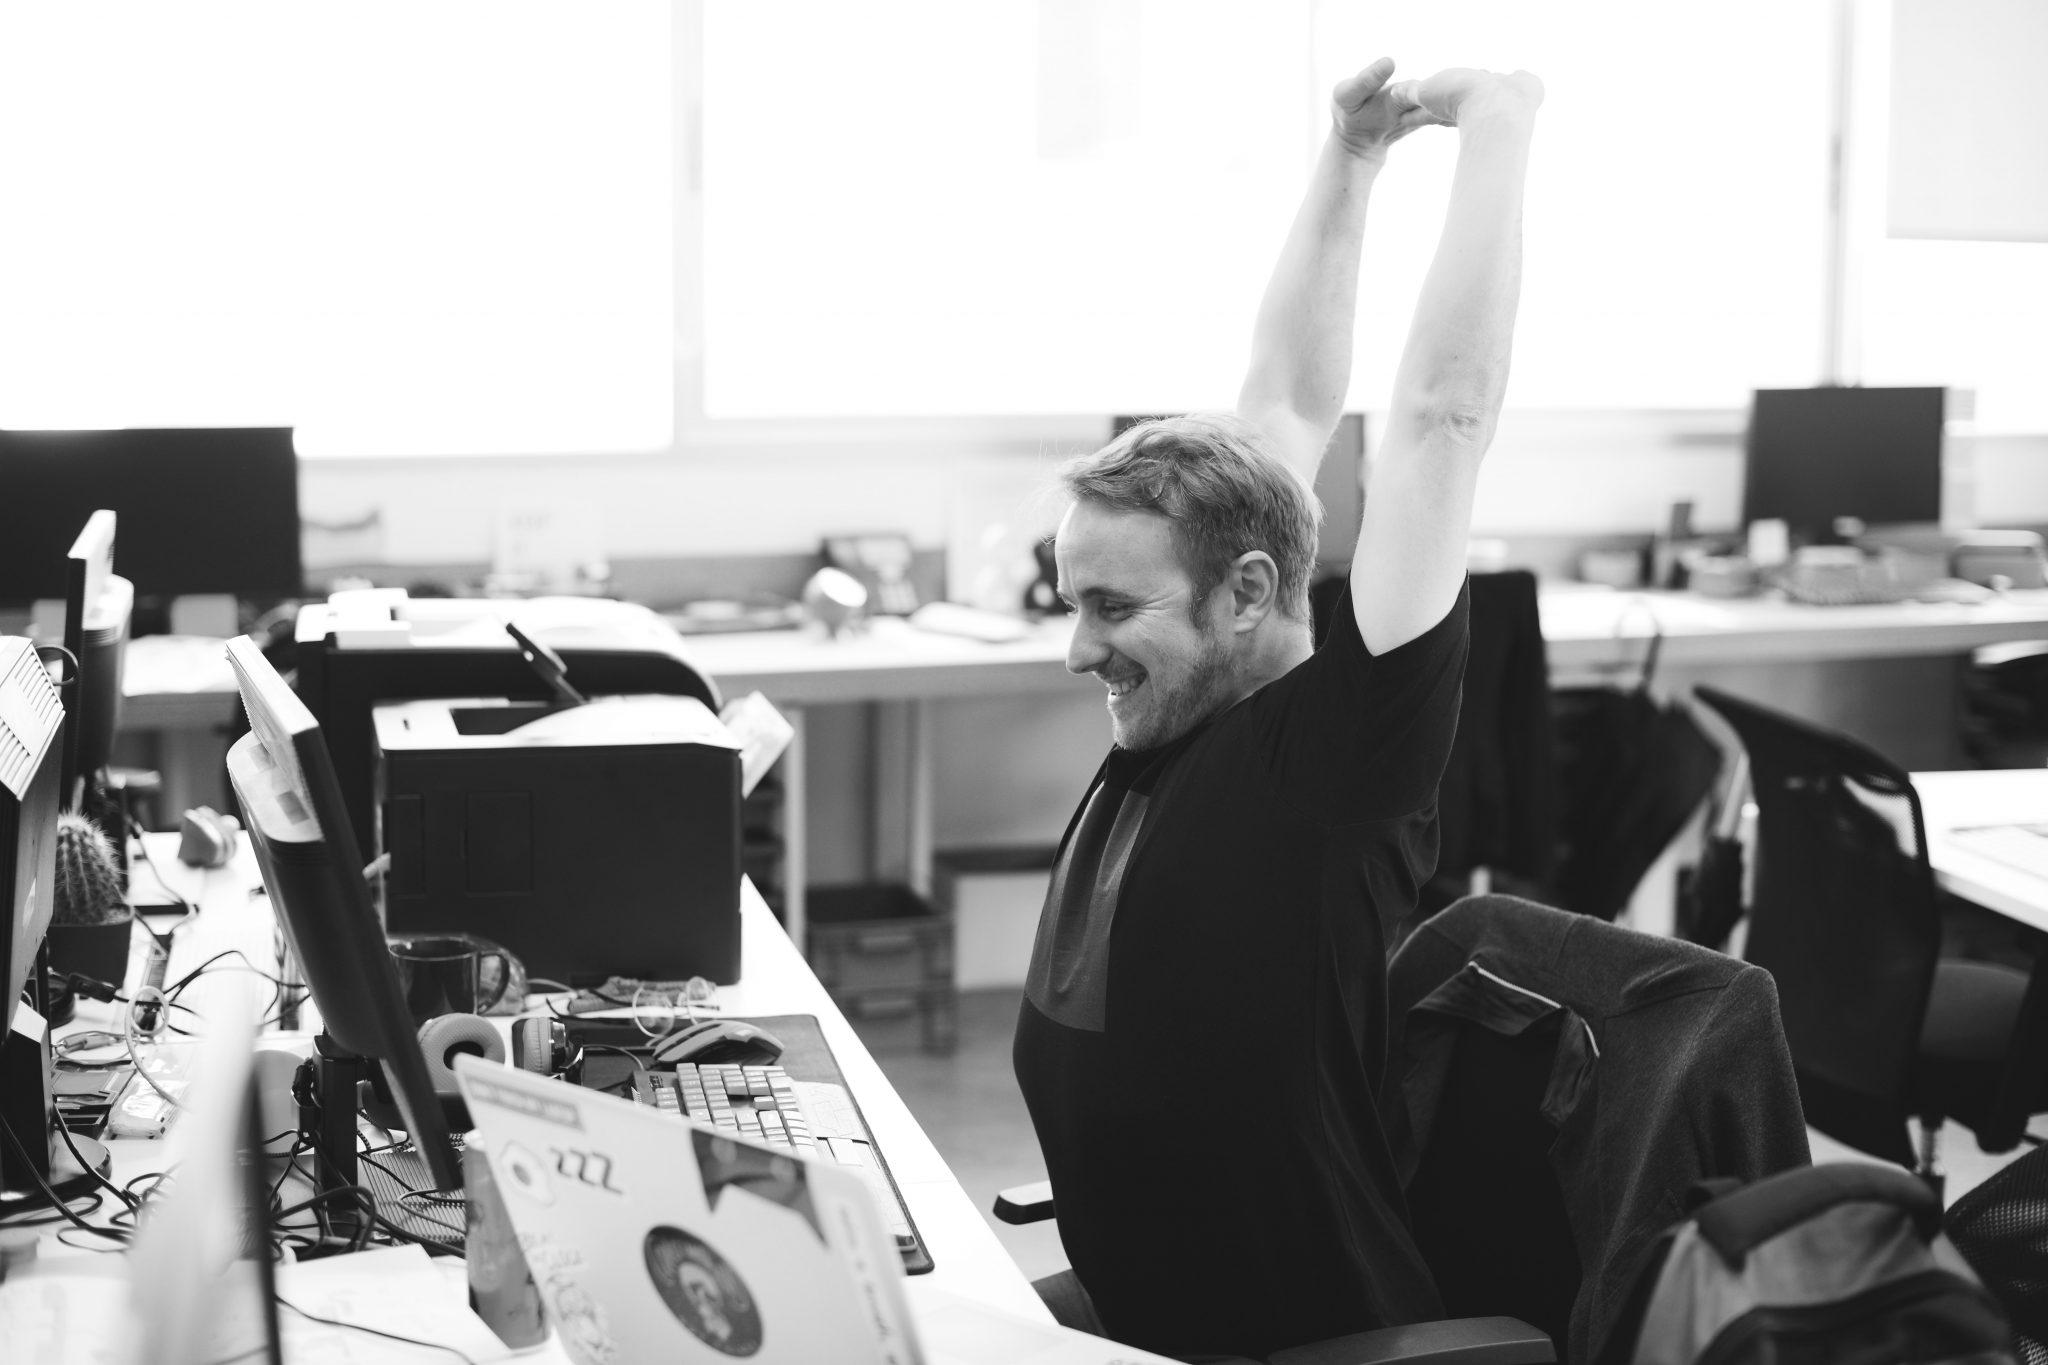 5 Tipps, wie du durch qualitative Pausen produktiver wirst